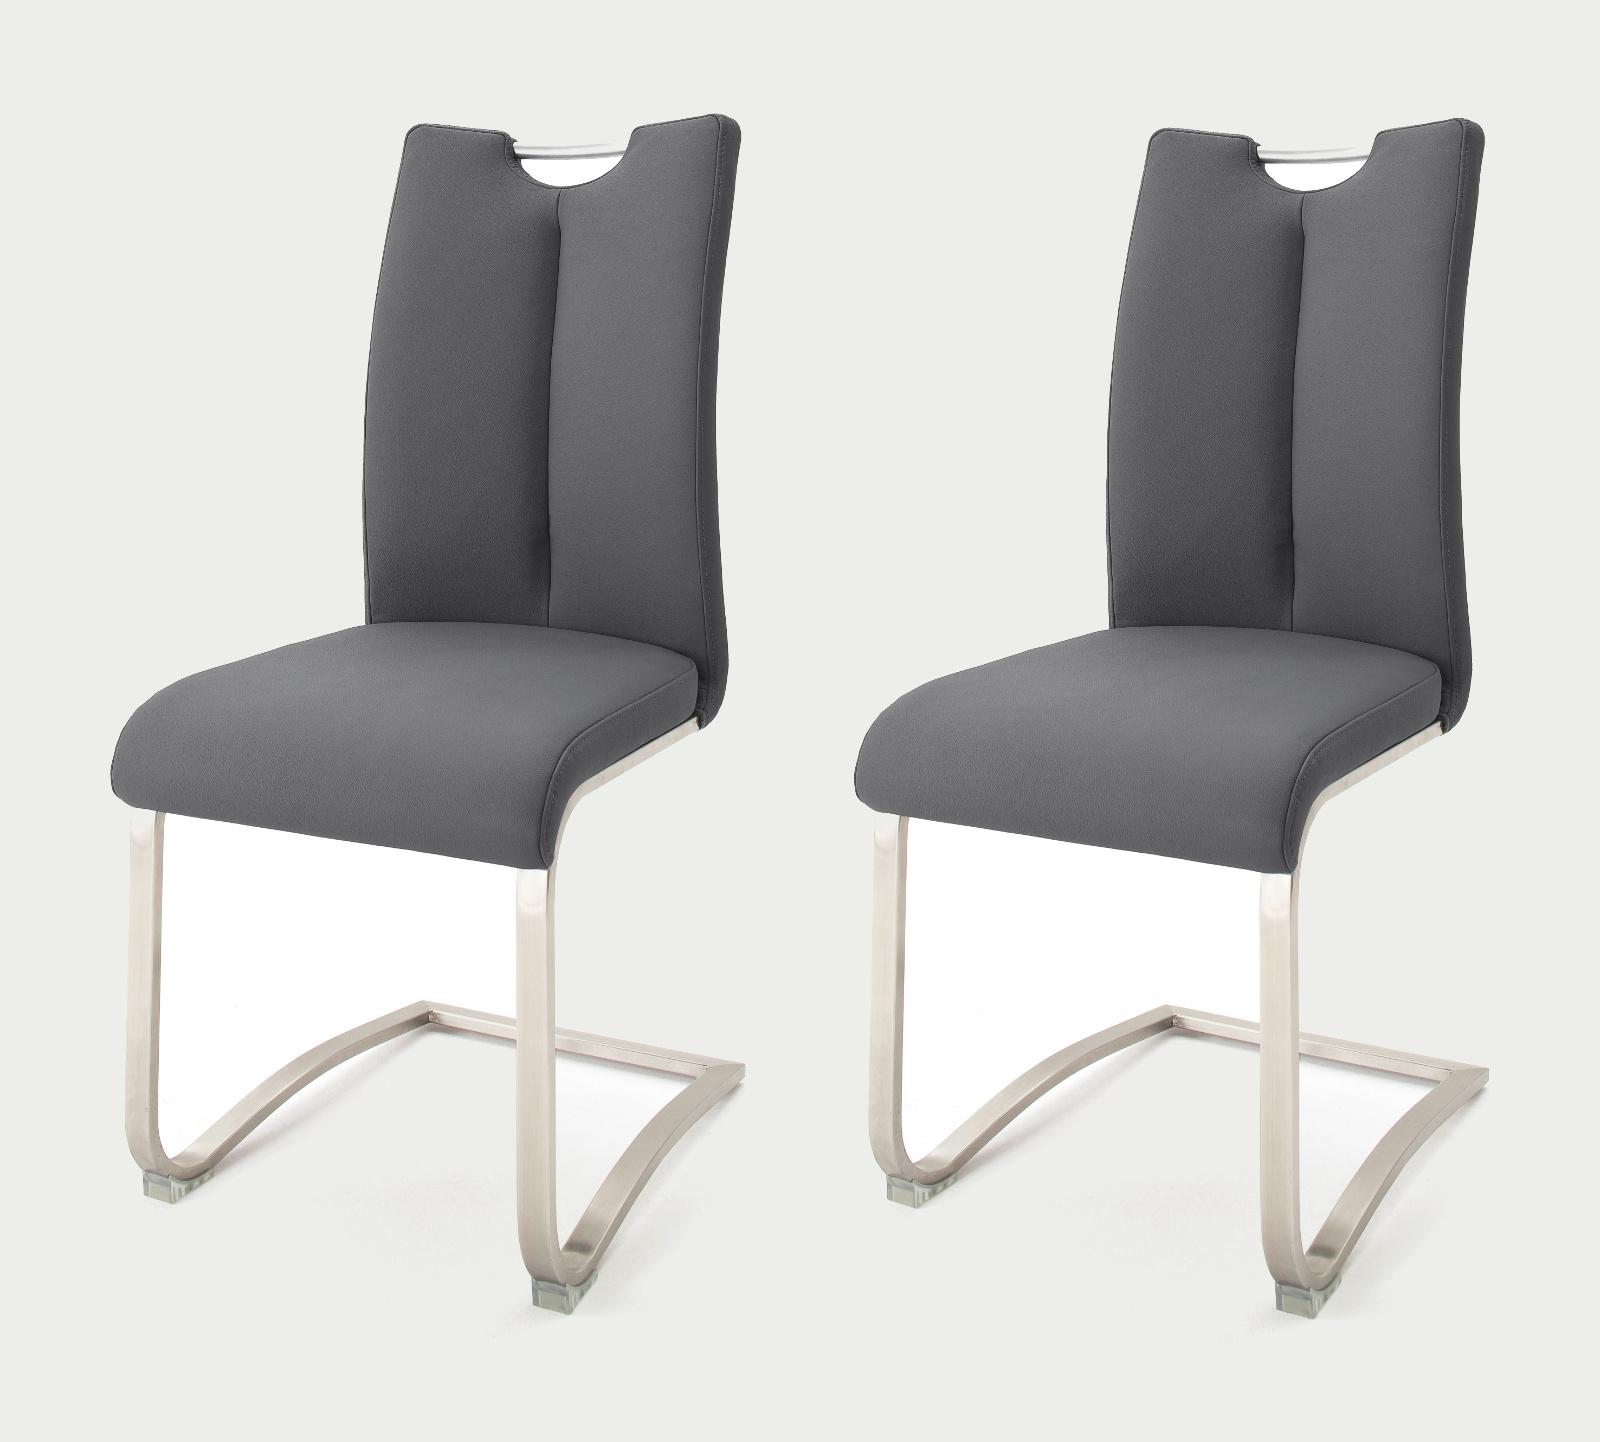 Stühle Grau Leder : 2 x stuhl artos grau schwinger leder ~ Watch28wear.com Haus und Dekorationen